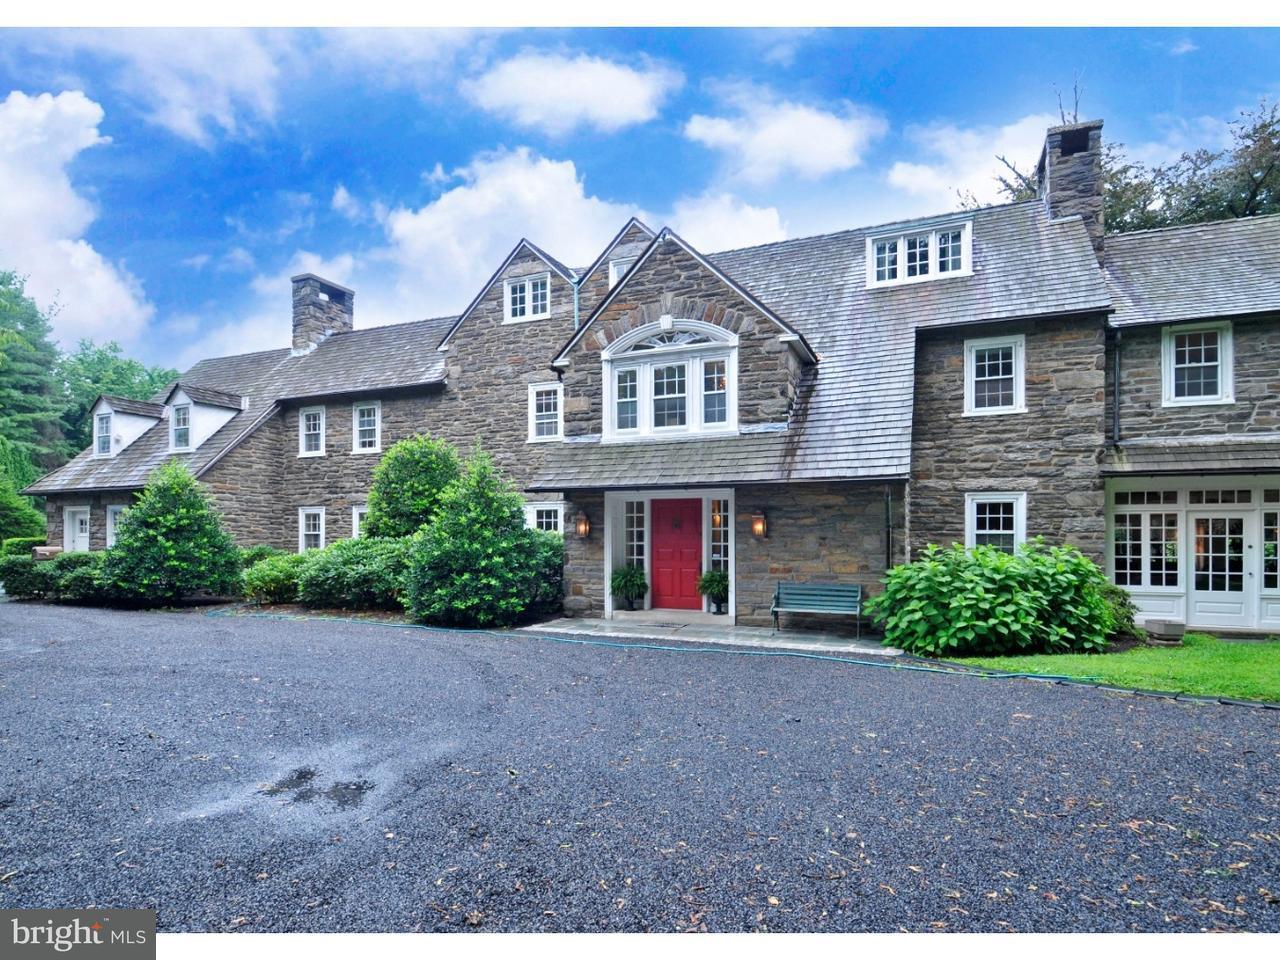 独户住宅 为 销售 在 1130 W CHURCH Road 温科特, 宾夕法尼亚州 19095 美国